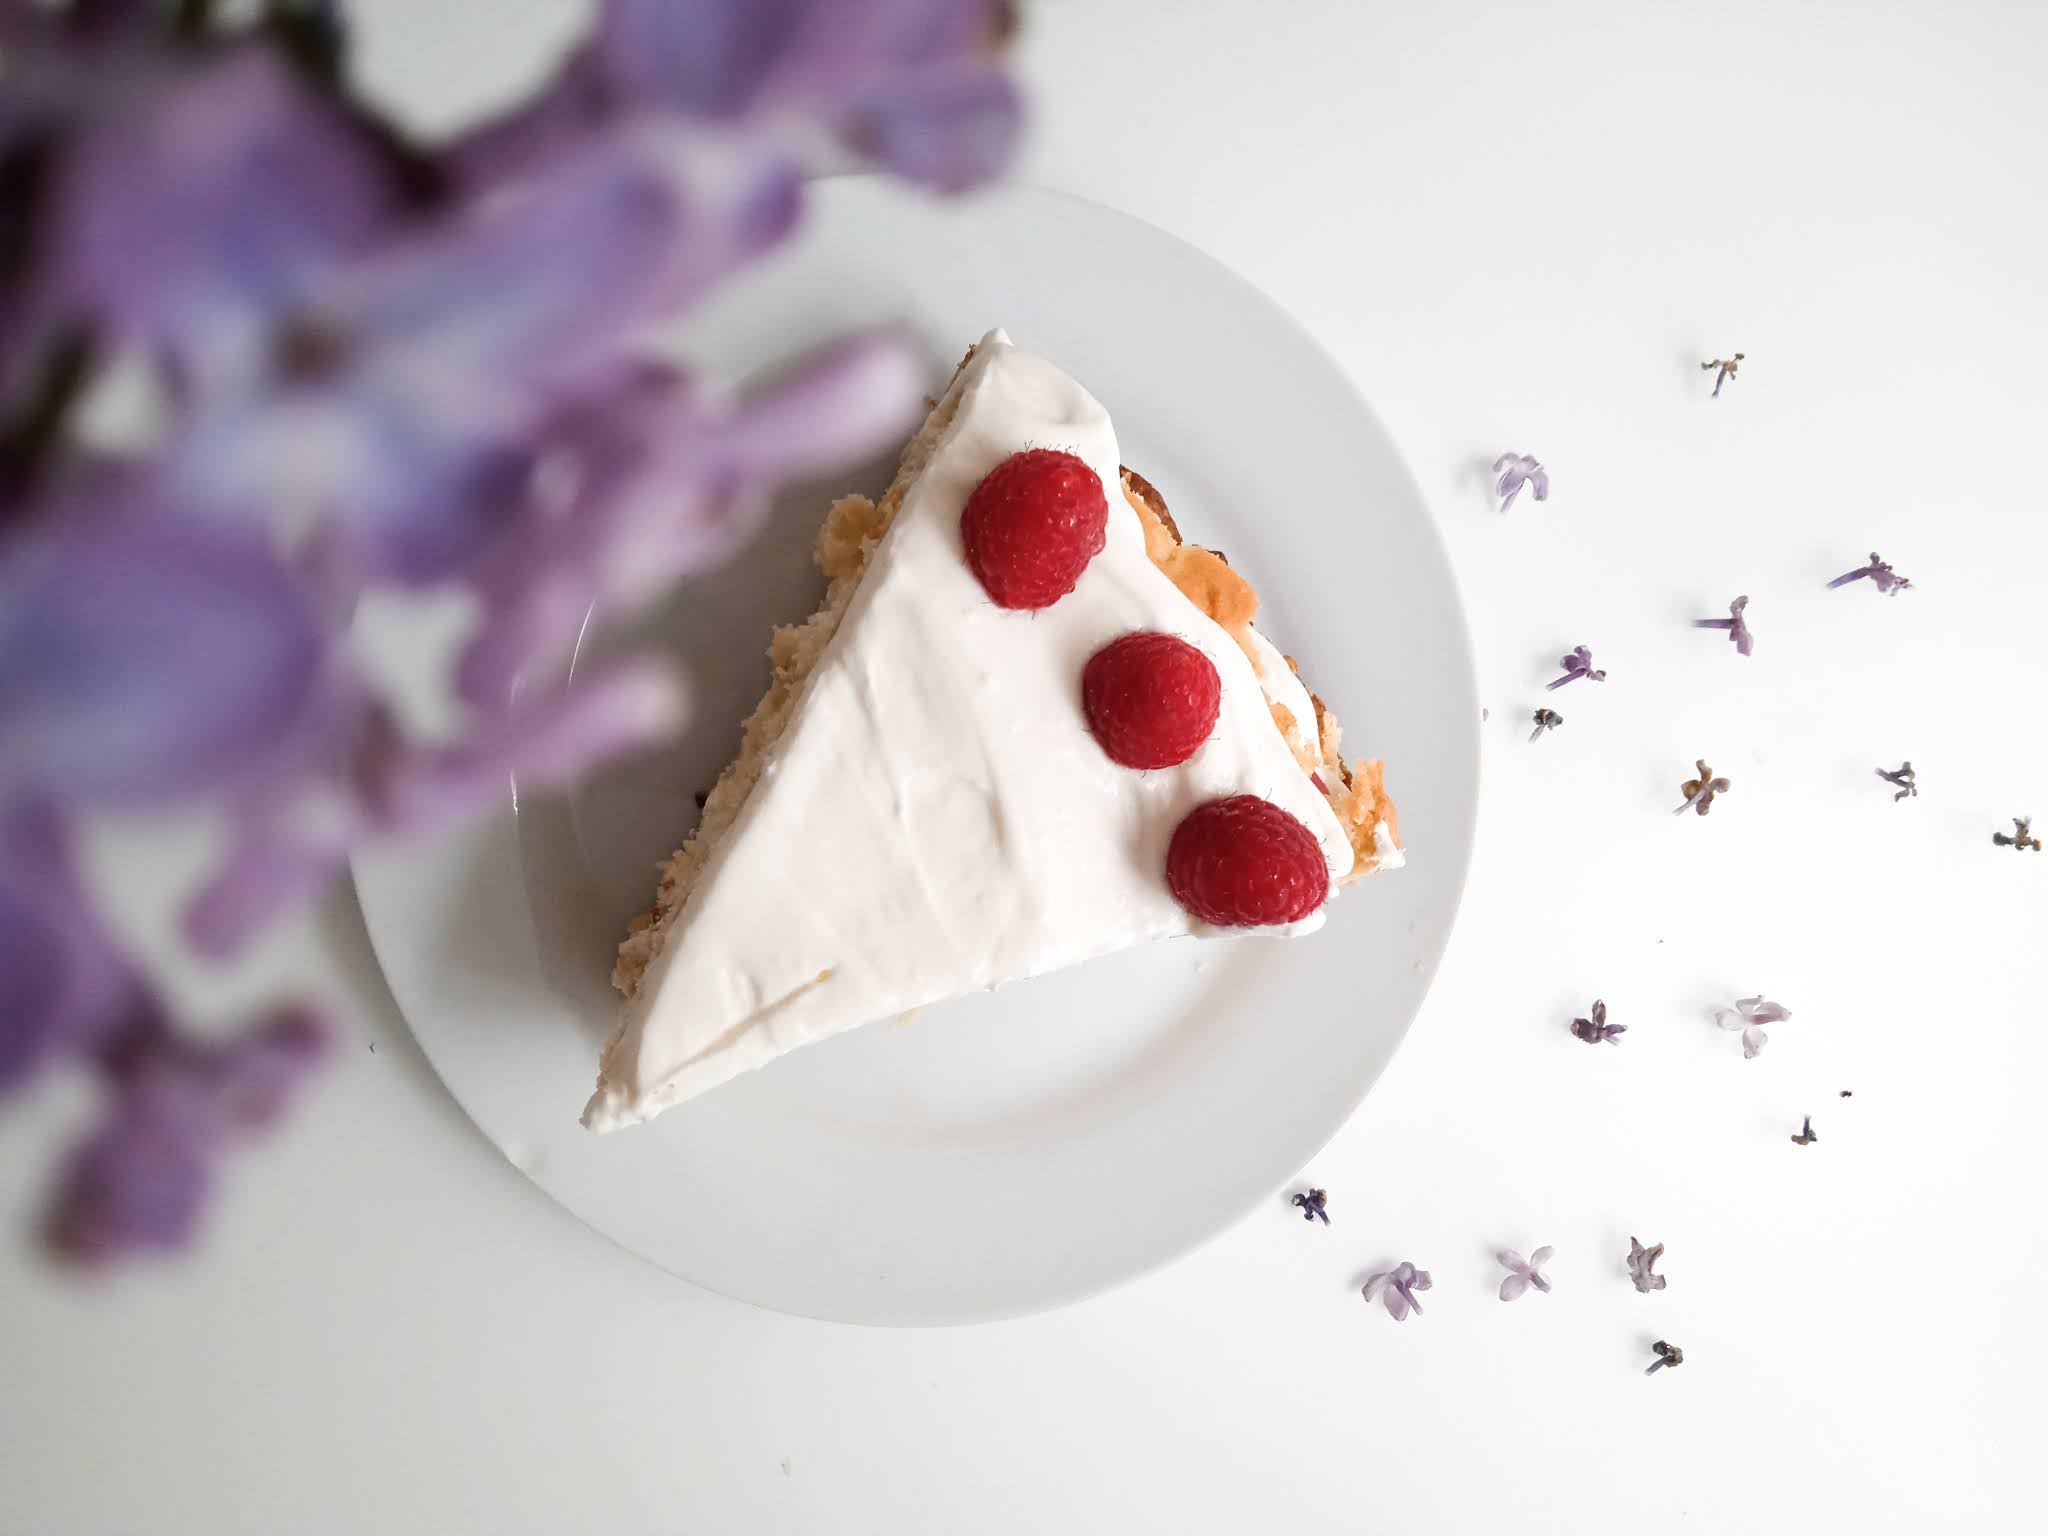 półkruche ciasto z kremem i owocami